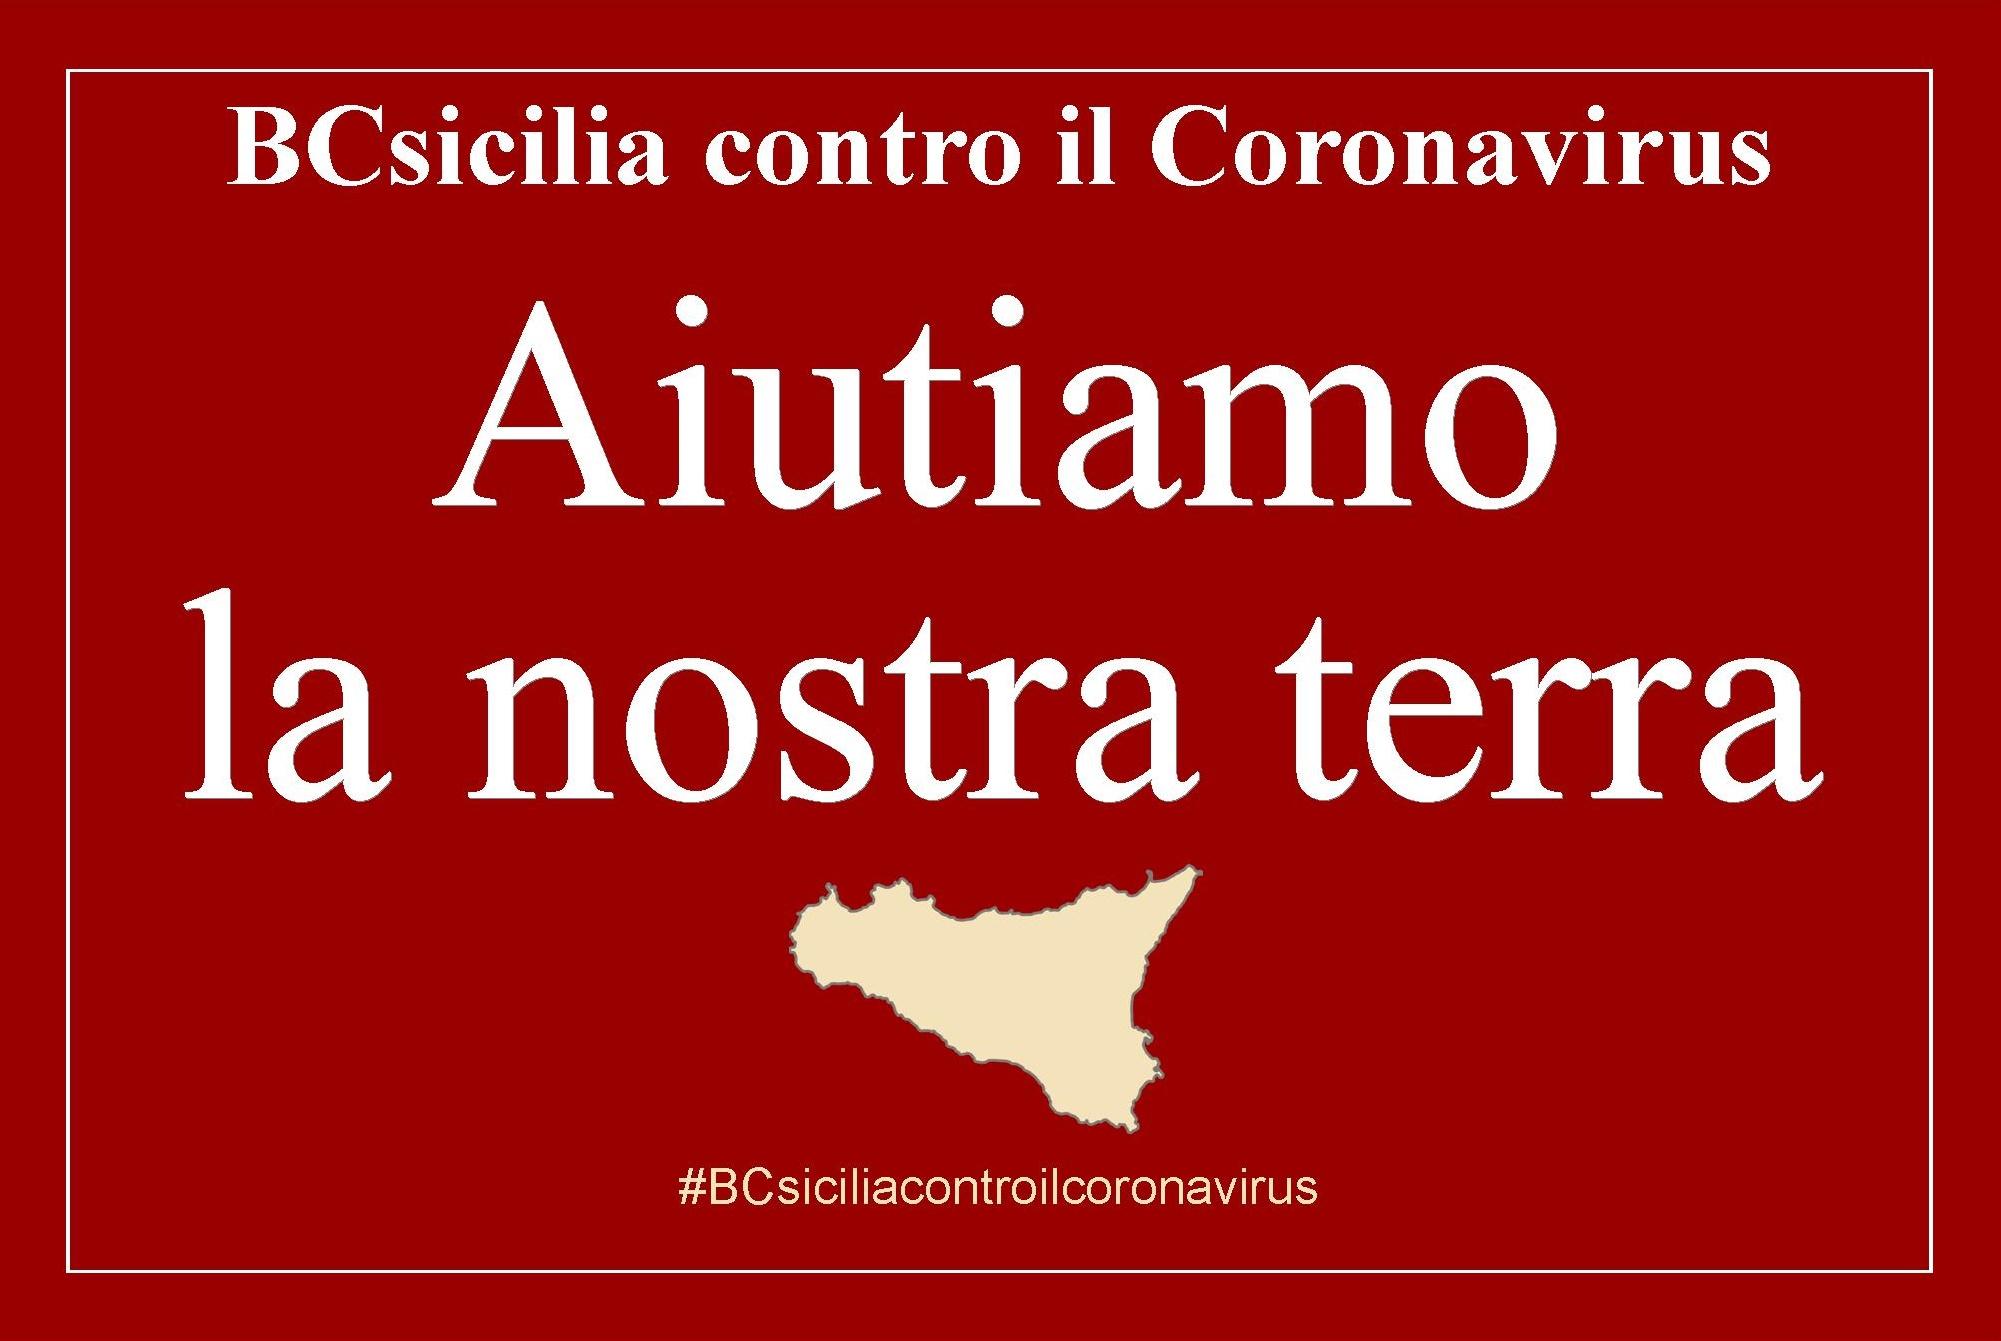 BCsicilia aderisce alla campagna SOS Coronavirus promossa dalla Fondazione Sicilia